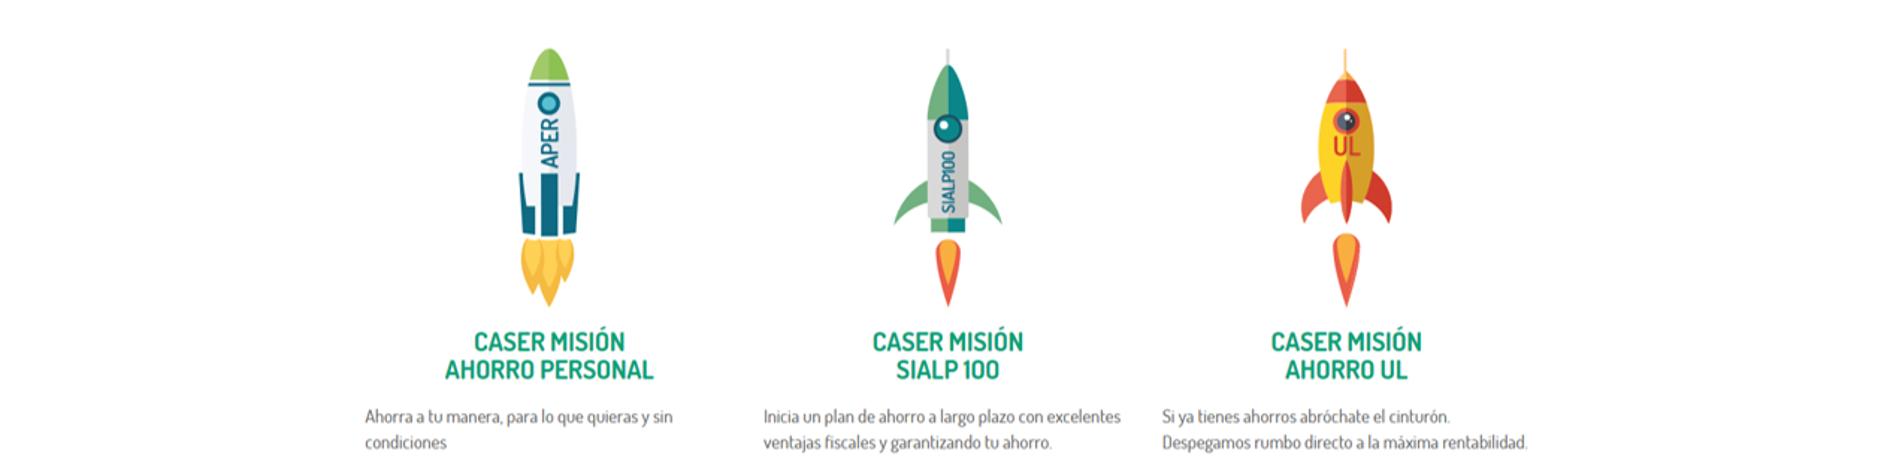 Planes de Ahorro CASER - Kvilar, Agente CASER en Santa Cruz de Tenerife